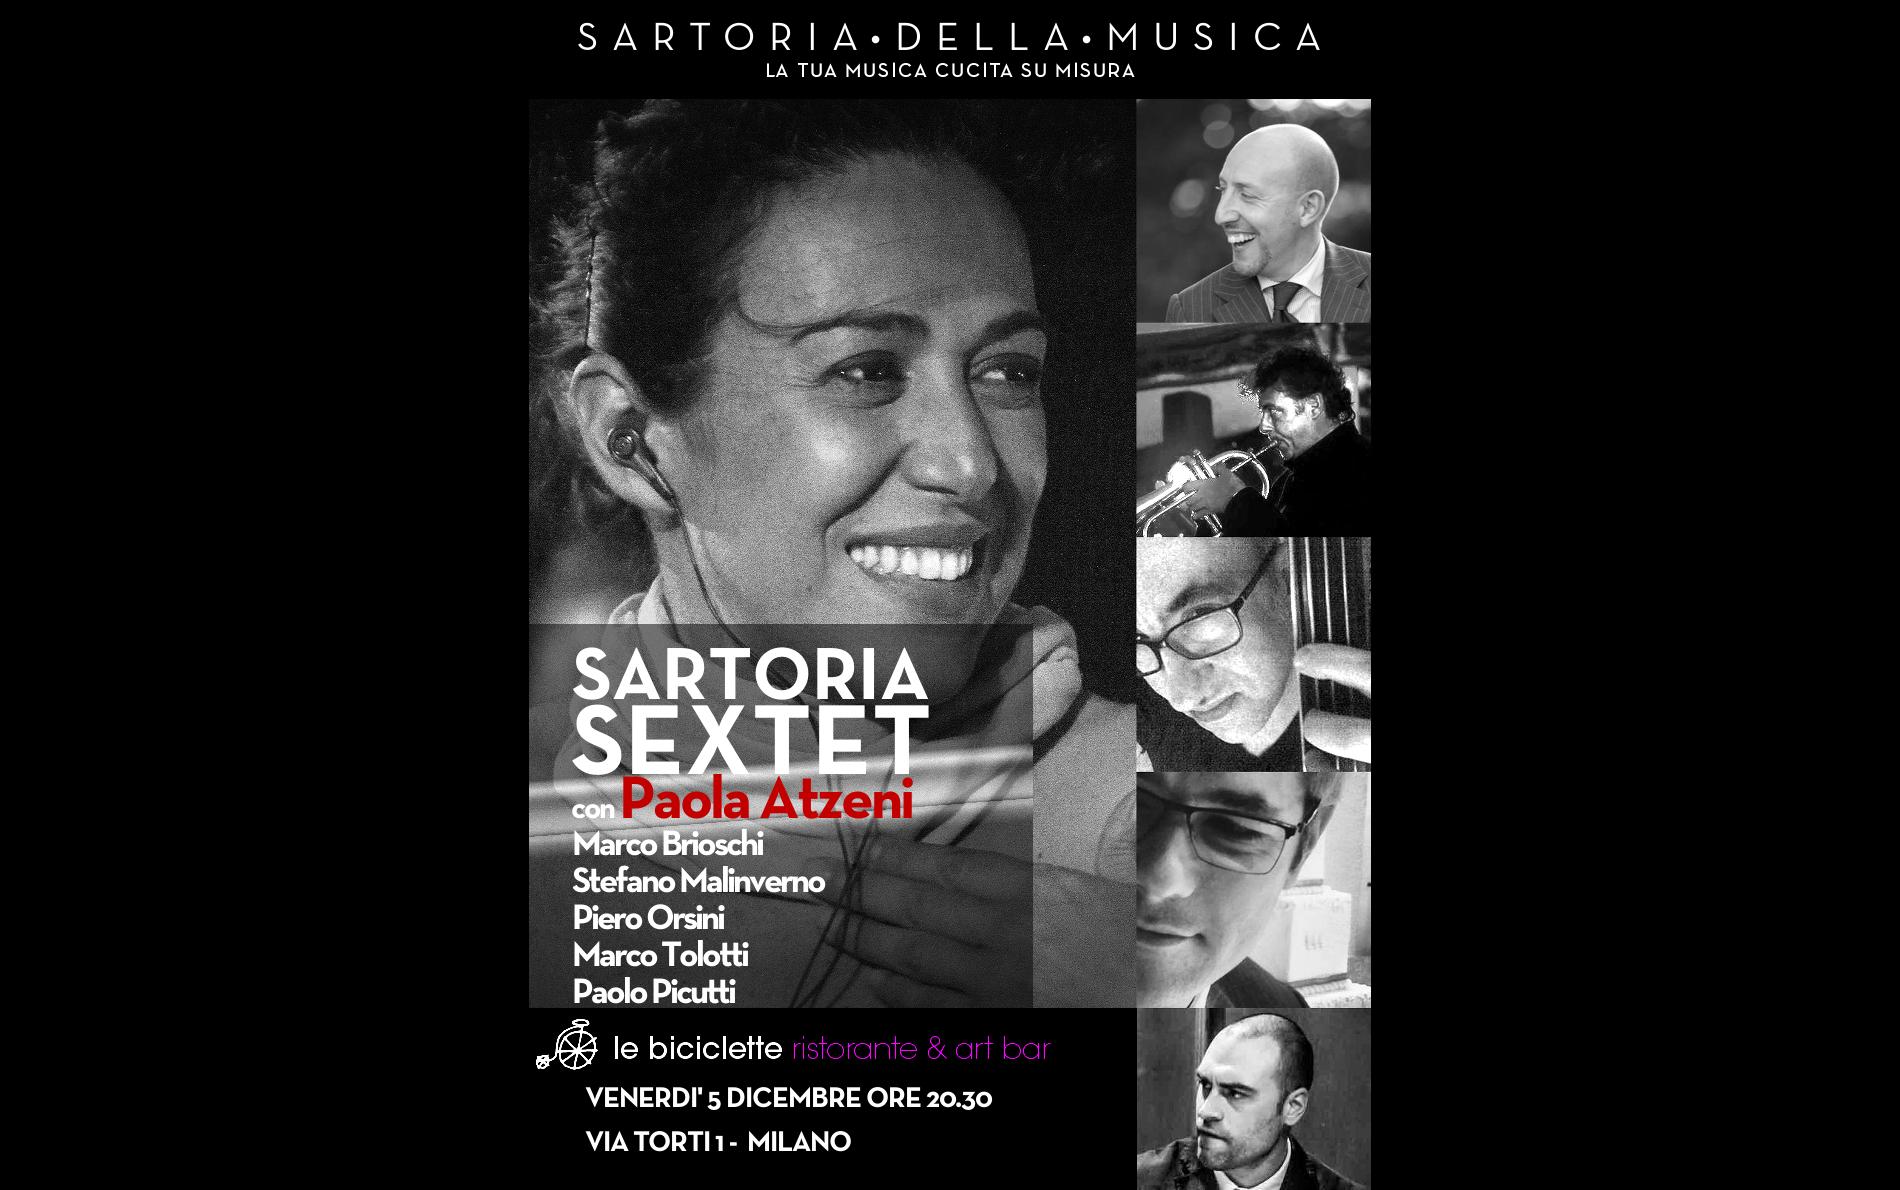 VENERDÌ' 5 DICEMBRE @ LE BICICLETTE